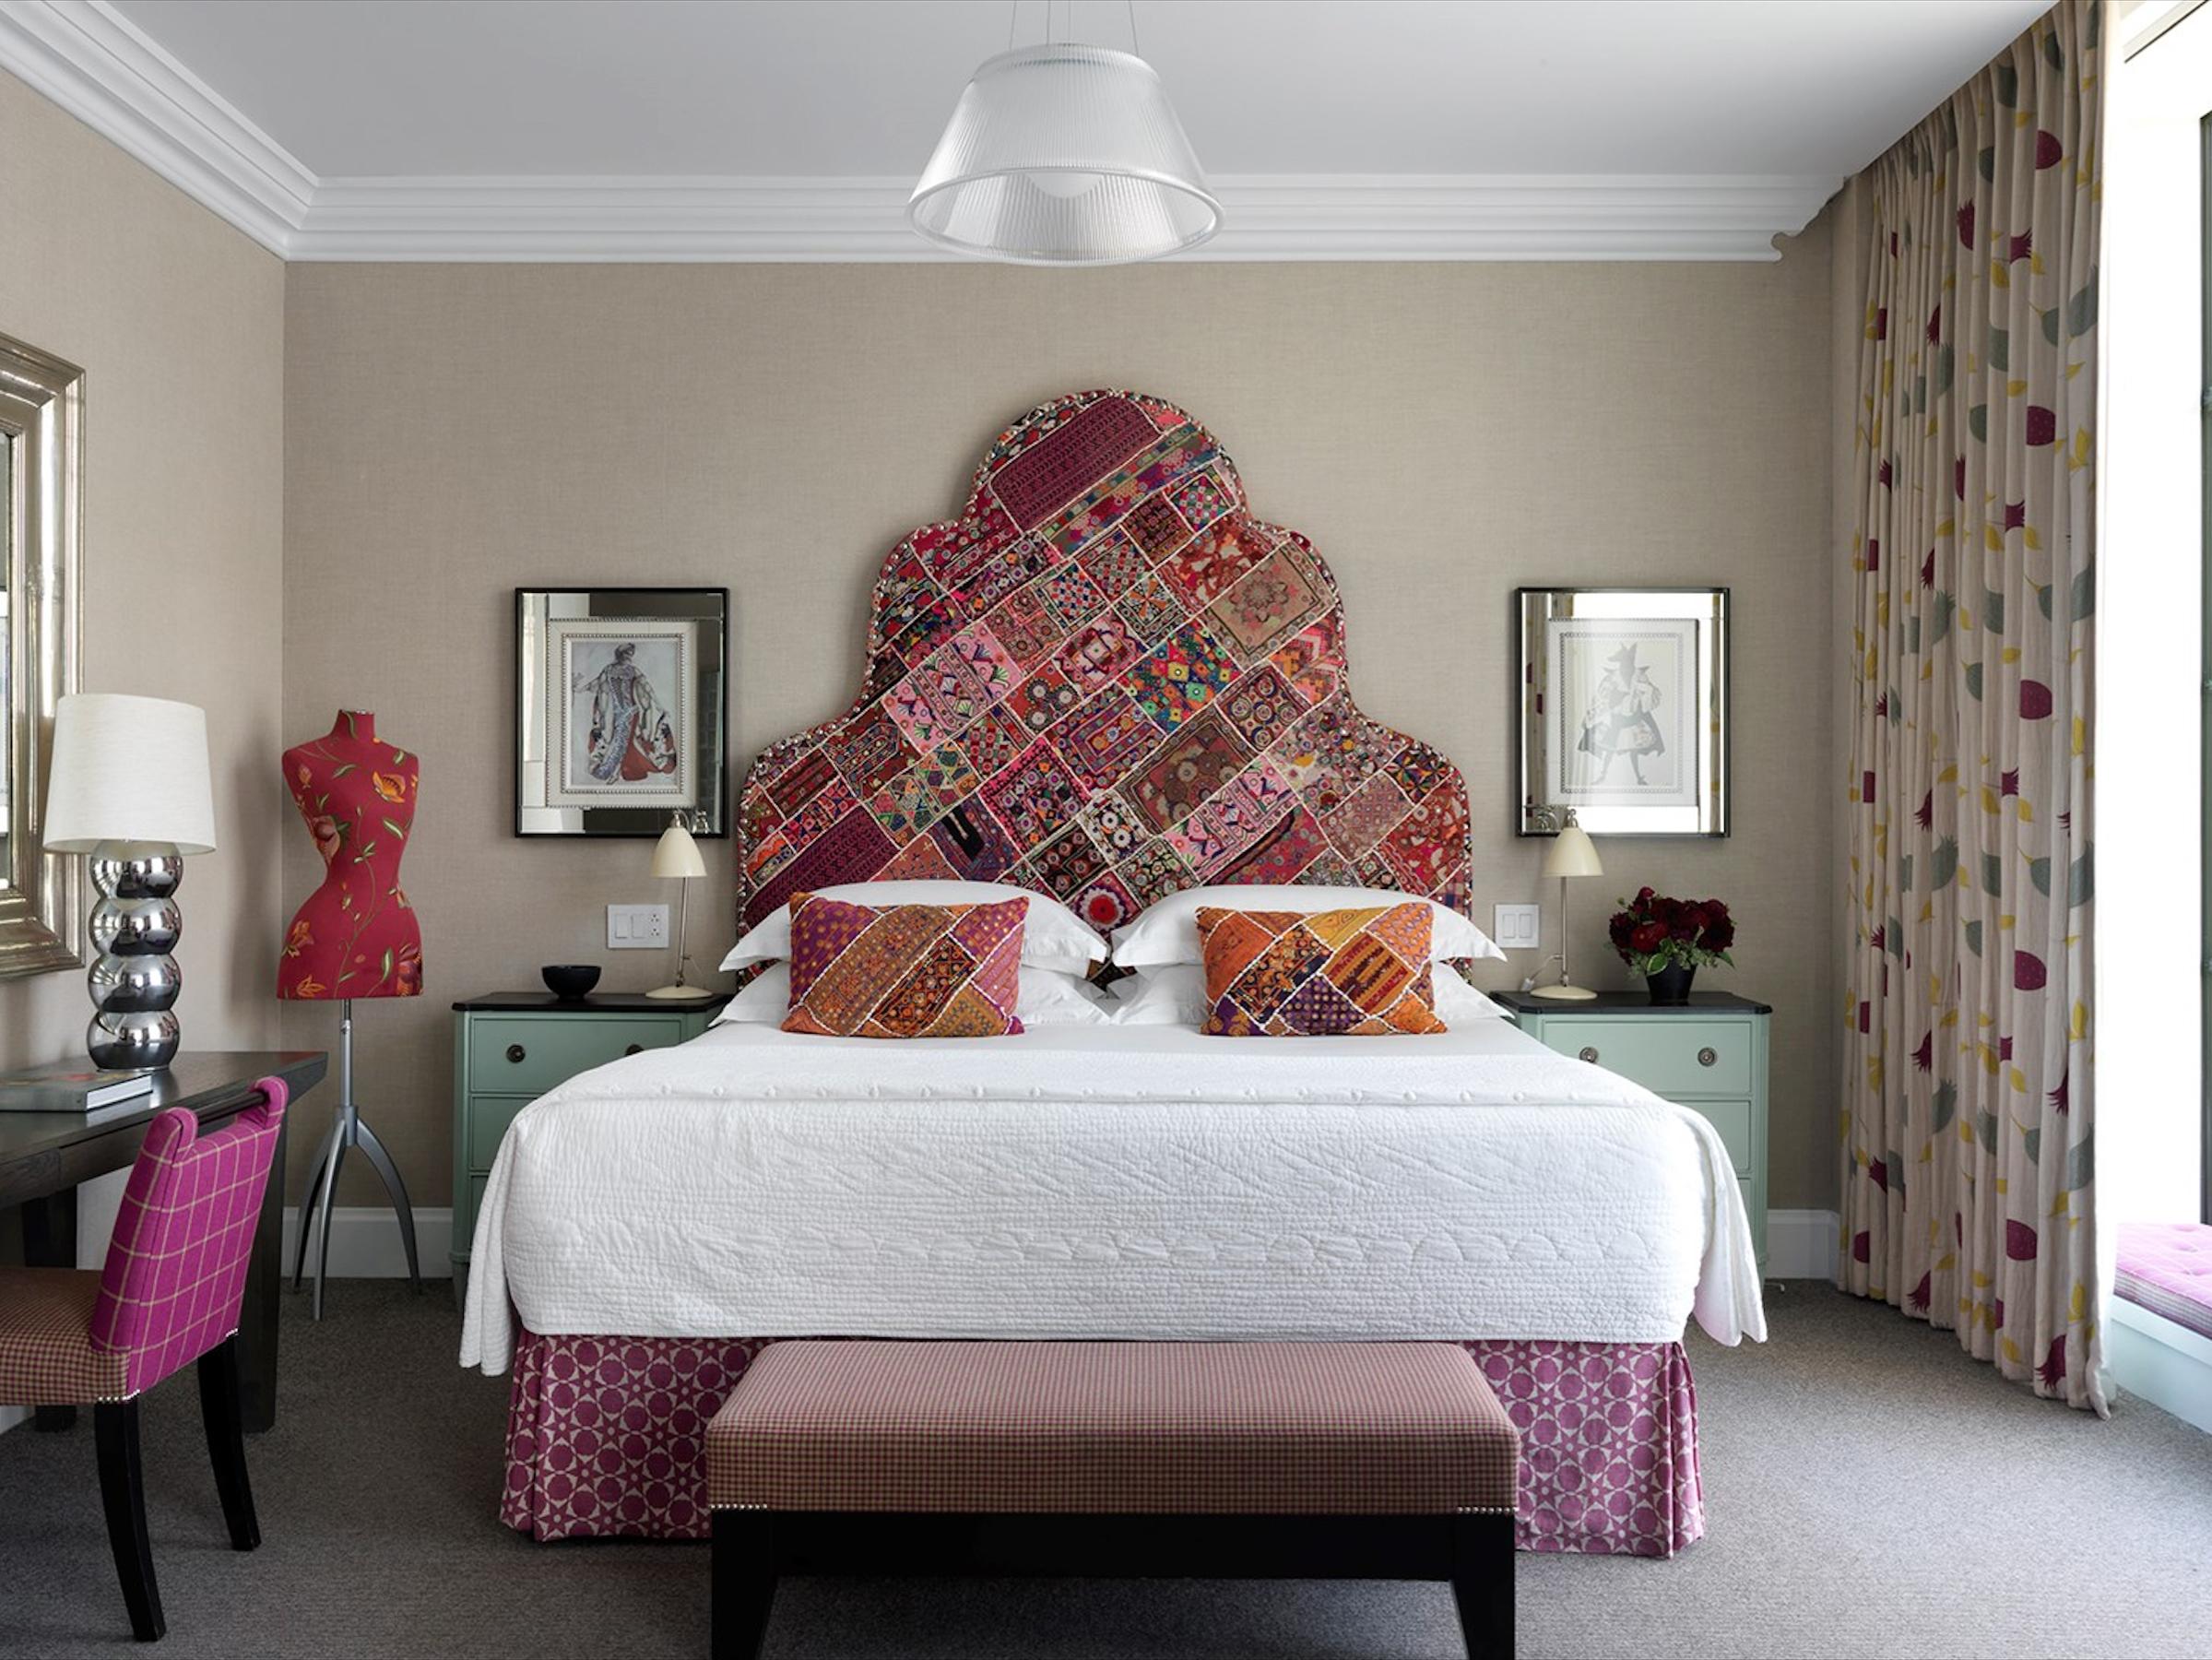 Crosby Street Hotel - Стандартный номер:От $650 за ночь(В зависимости от сезона)Район: Сохо